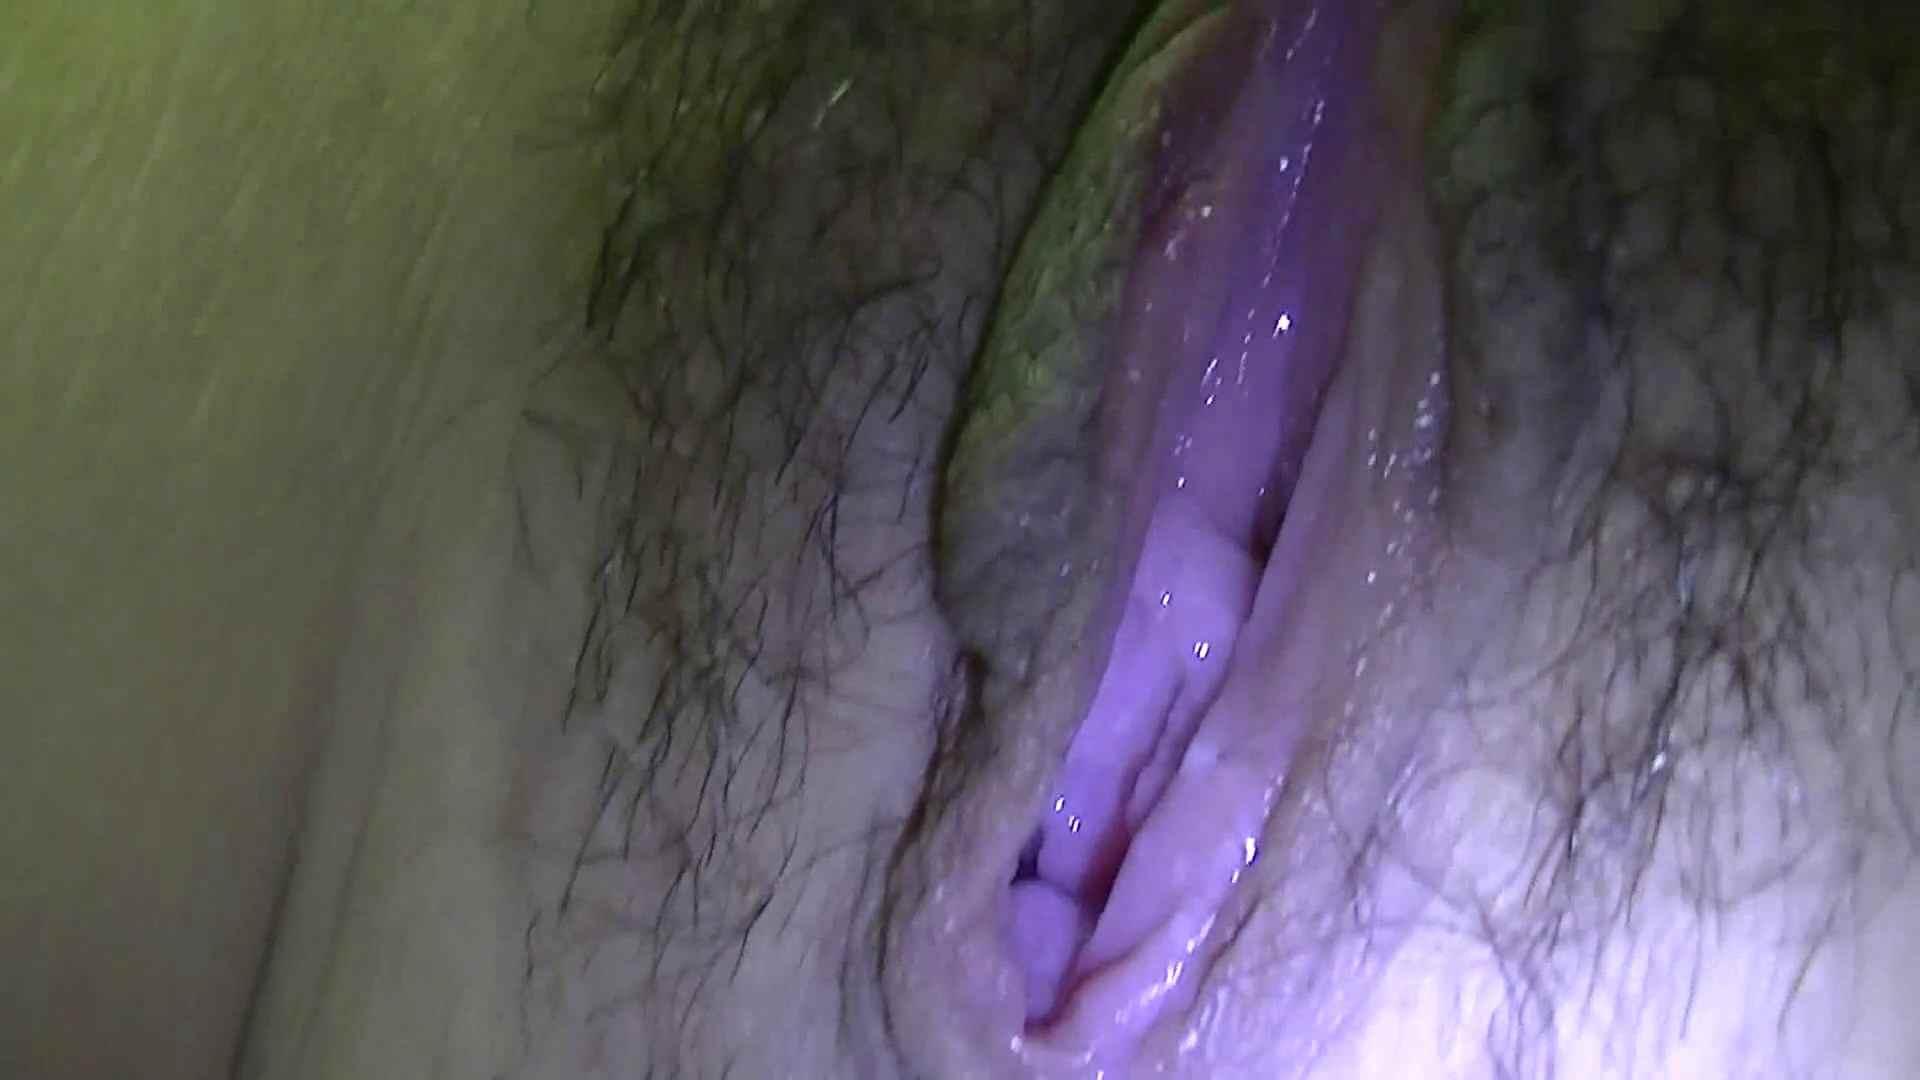 衝撃 半開きの目はガチです。 影 対 新妻裕香 桃色乳首 | 美乳  44画像 39